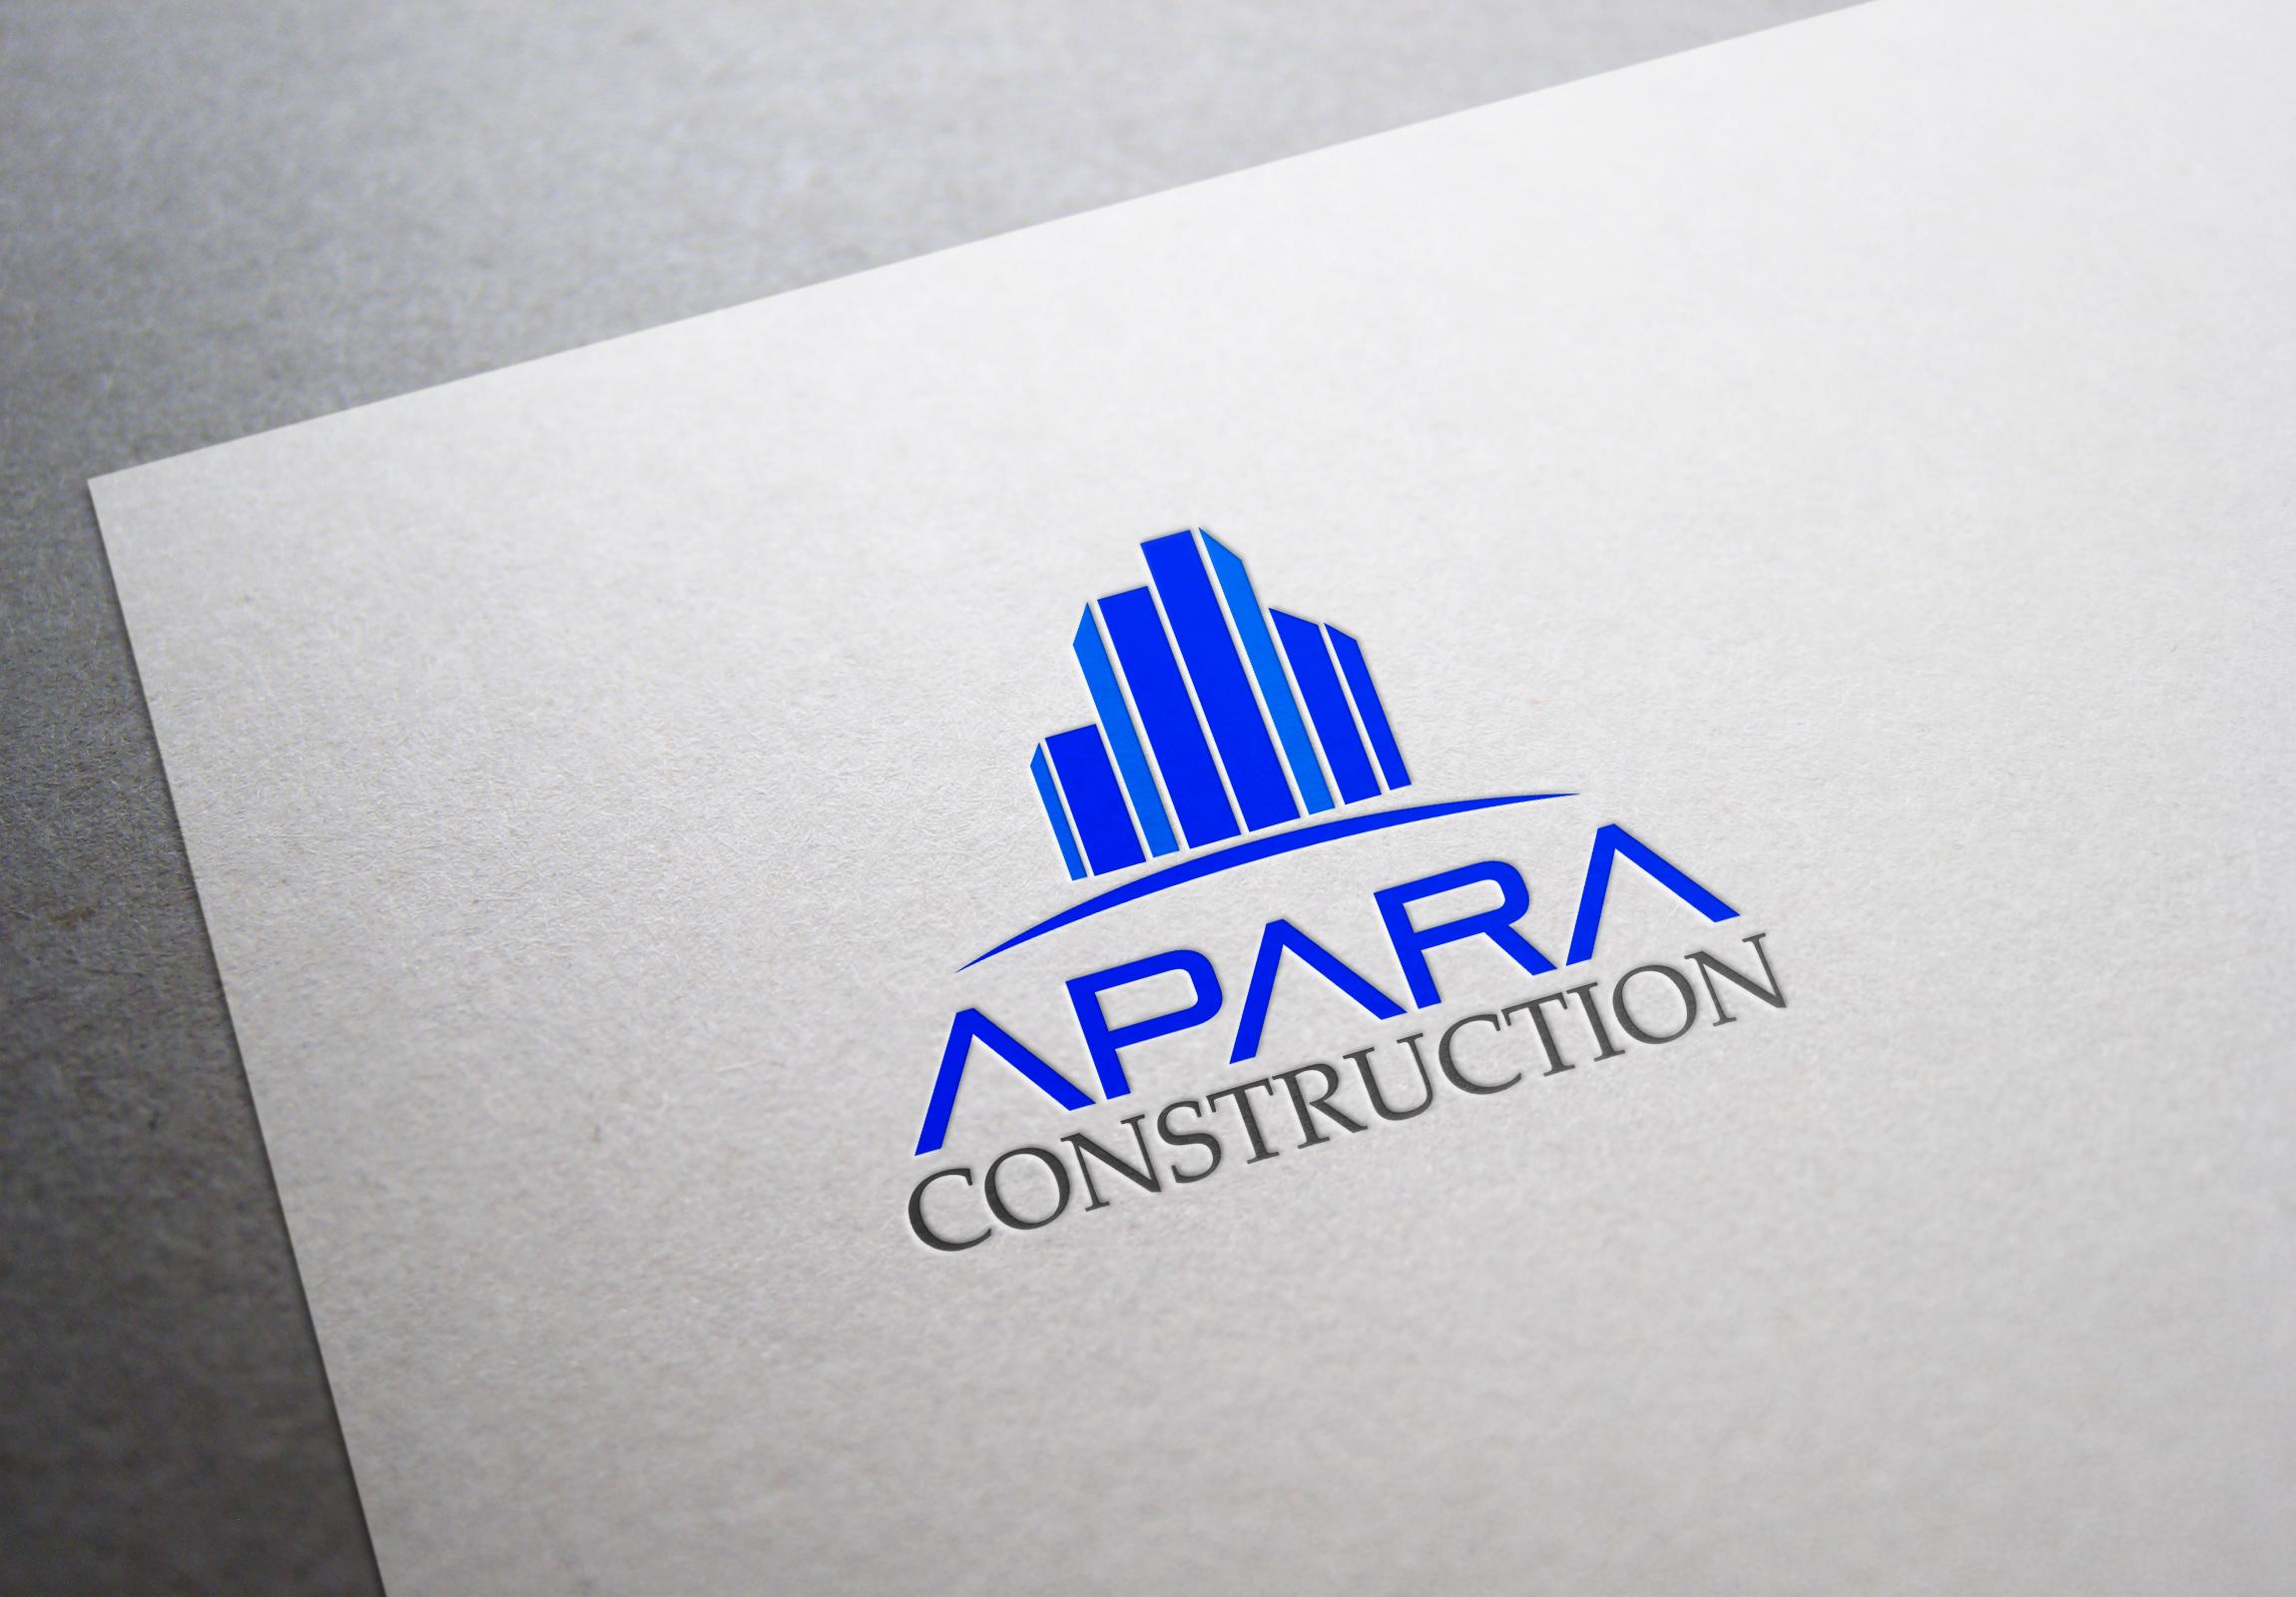 Logo Design by fireacefist - Entry No. 73 in the Logo Design Contest Apara Construction Logo Design.